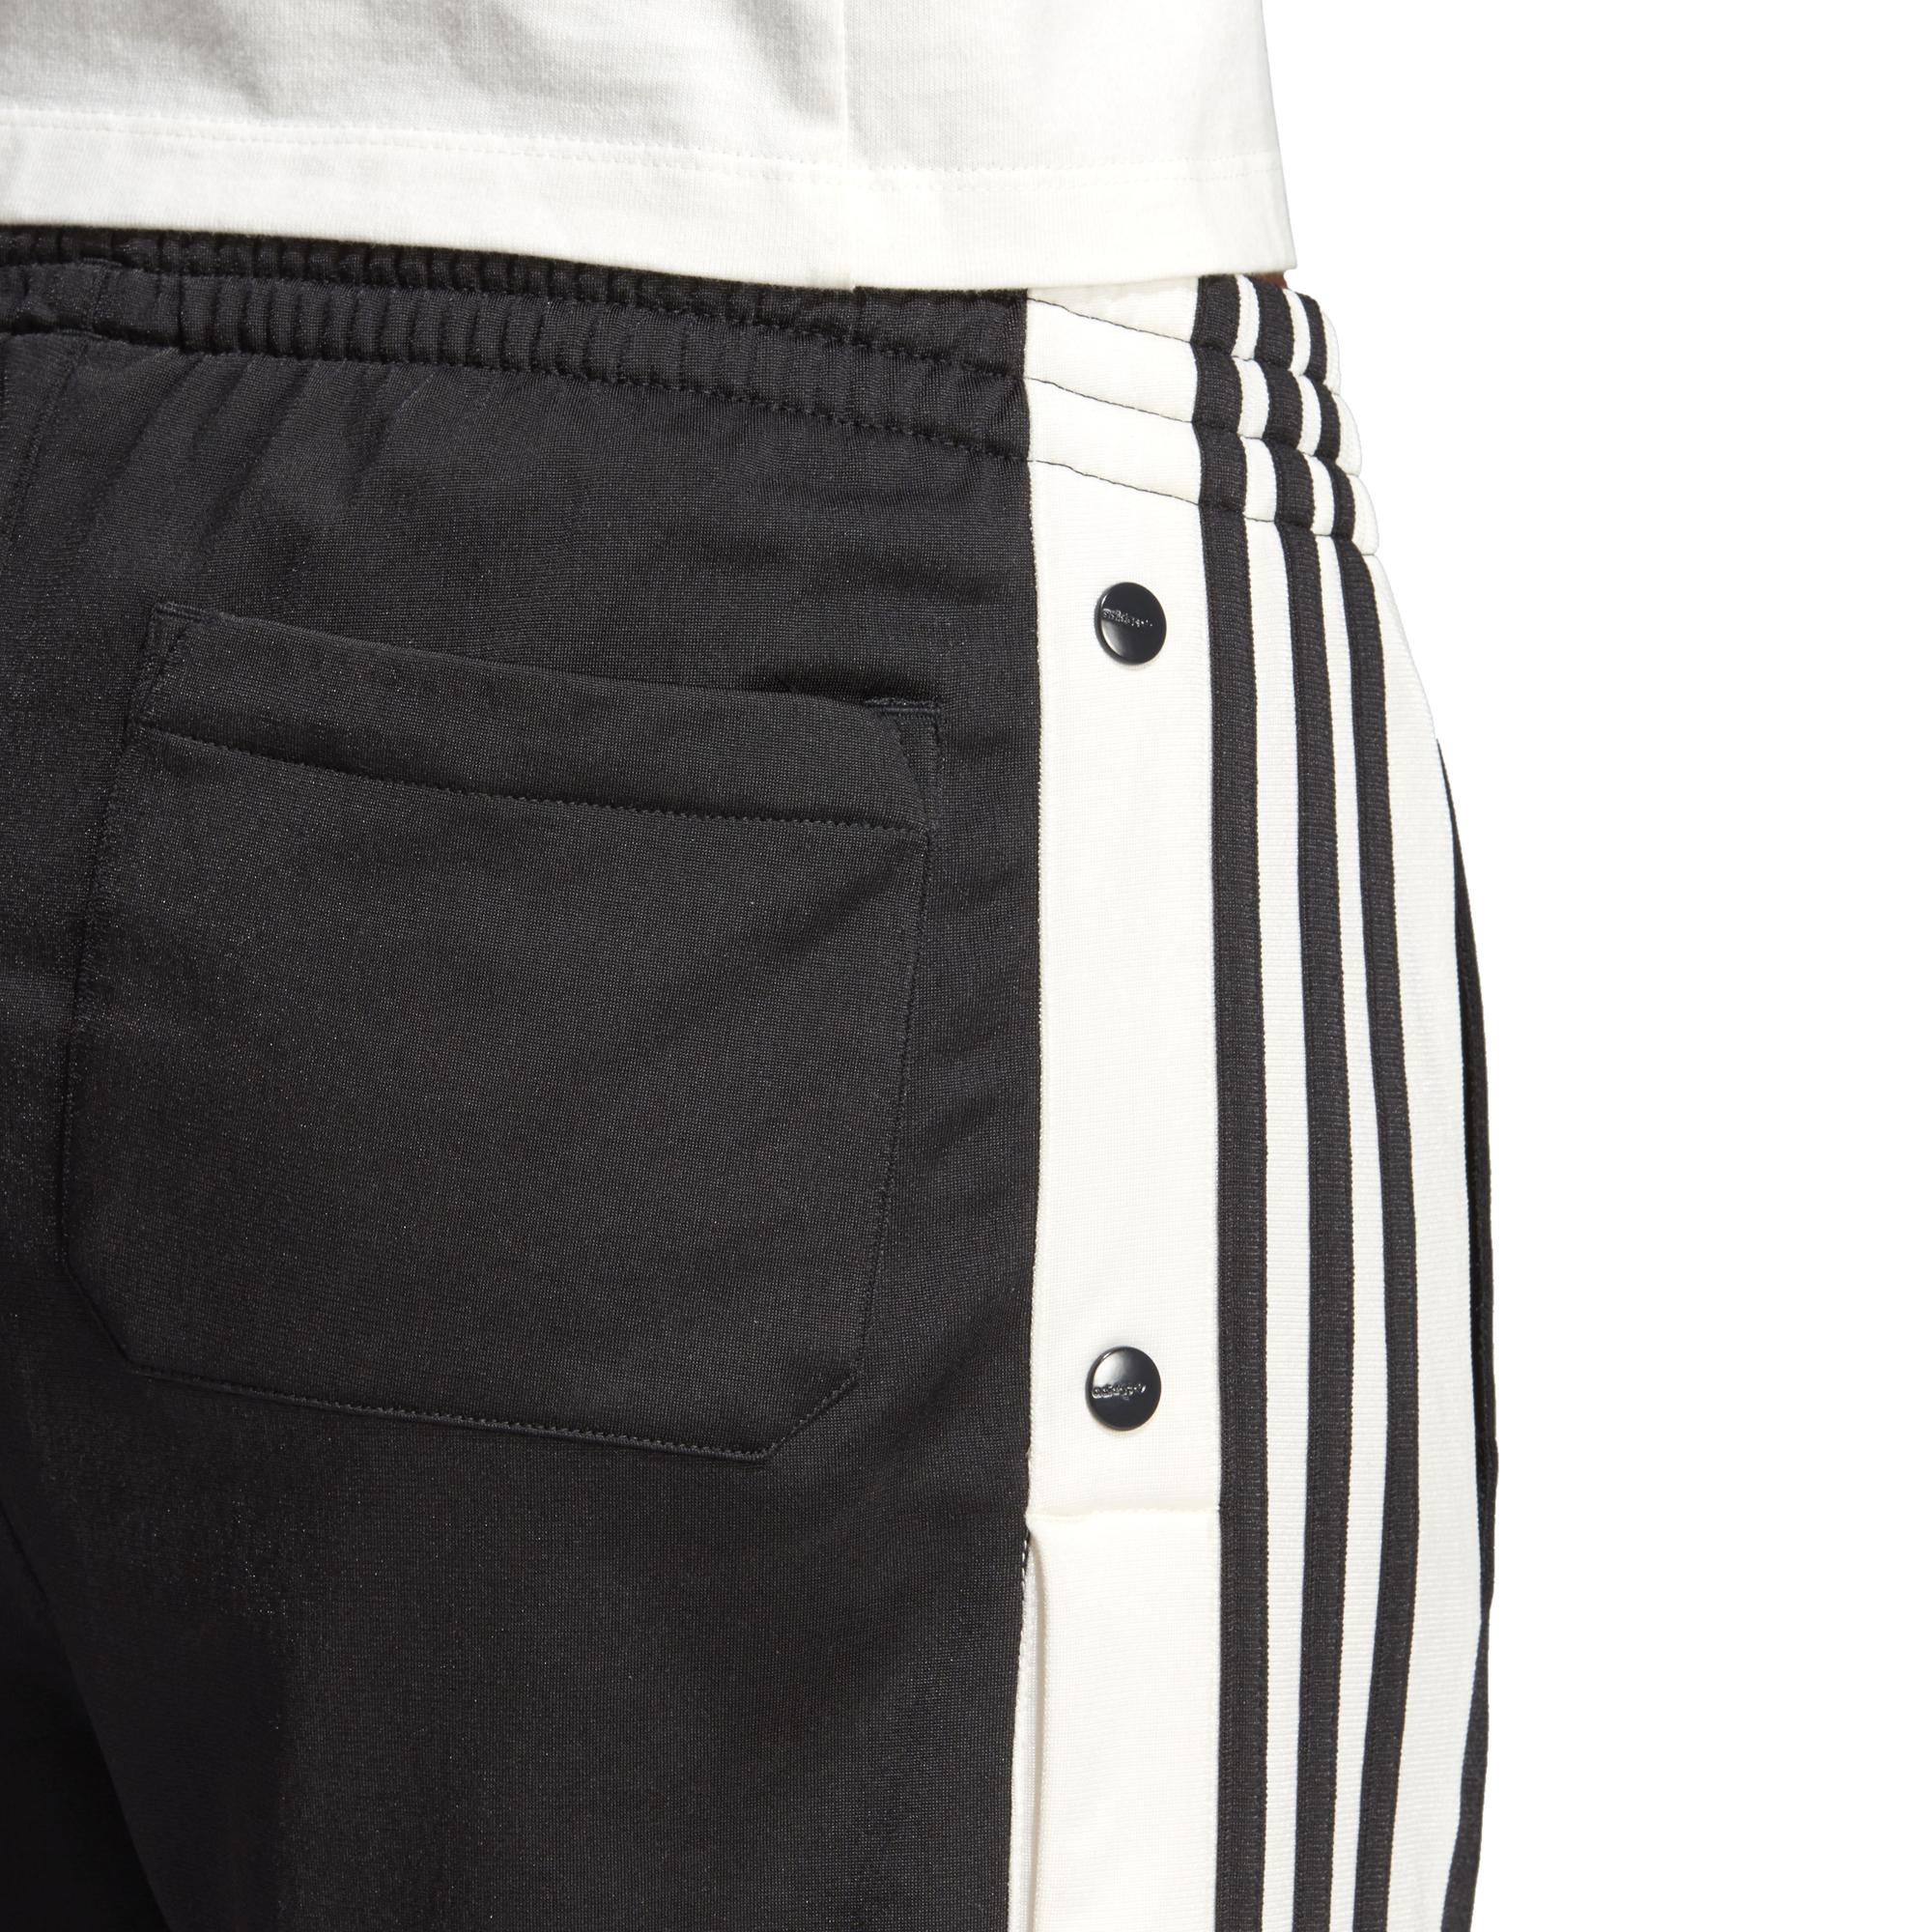 nowe obrazy sklep niezawodna jakość spodenki adidas Adibreak Shorts DH4673